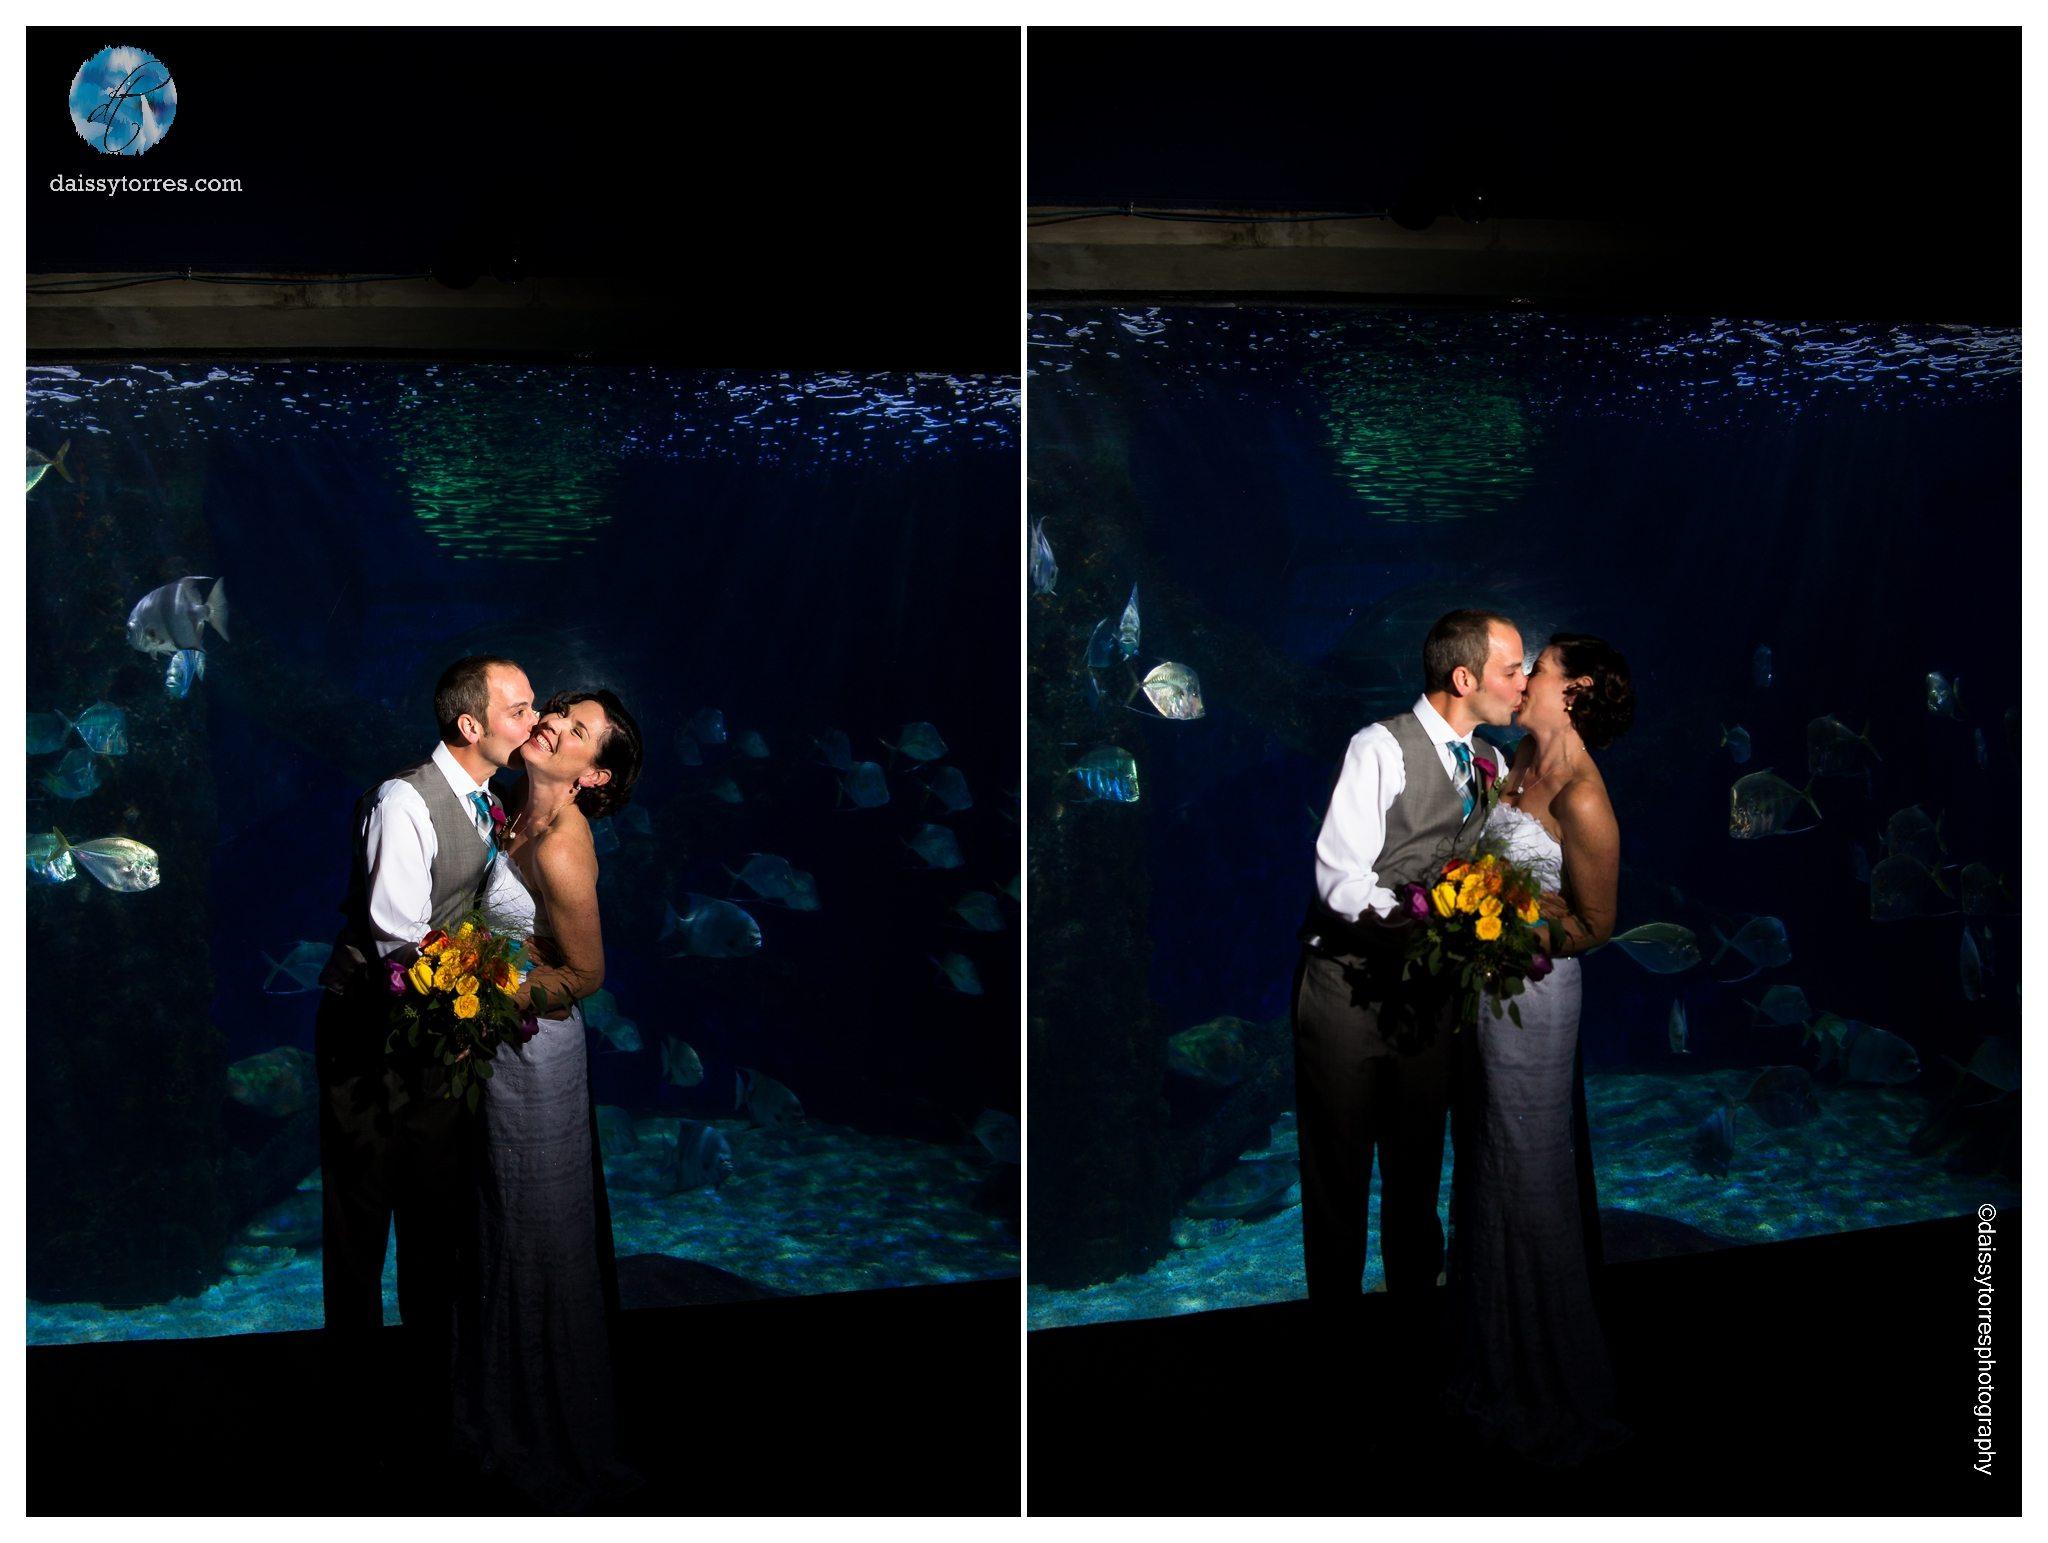 Virginia Aquarium Wedding - Couple's Portraits